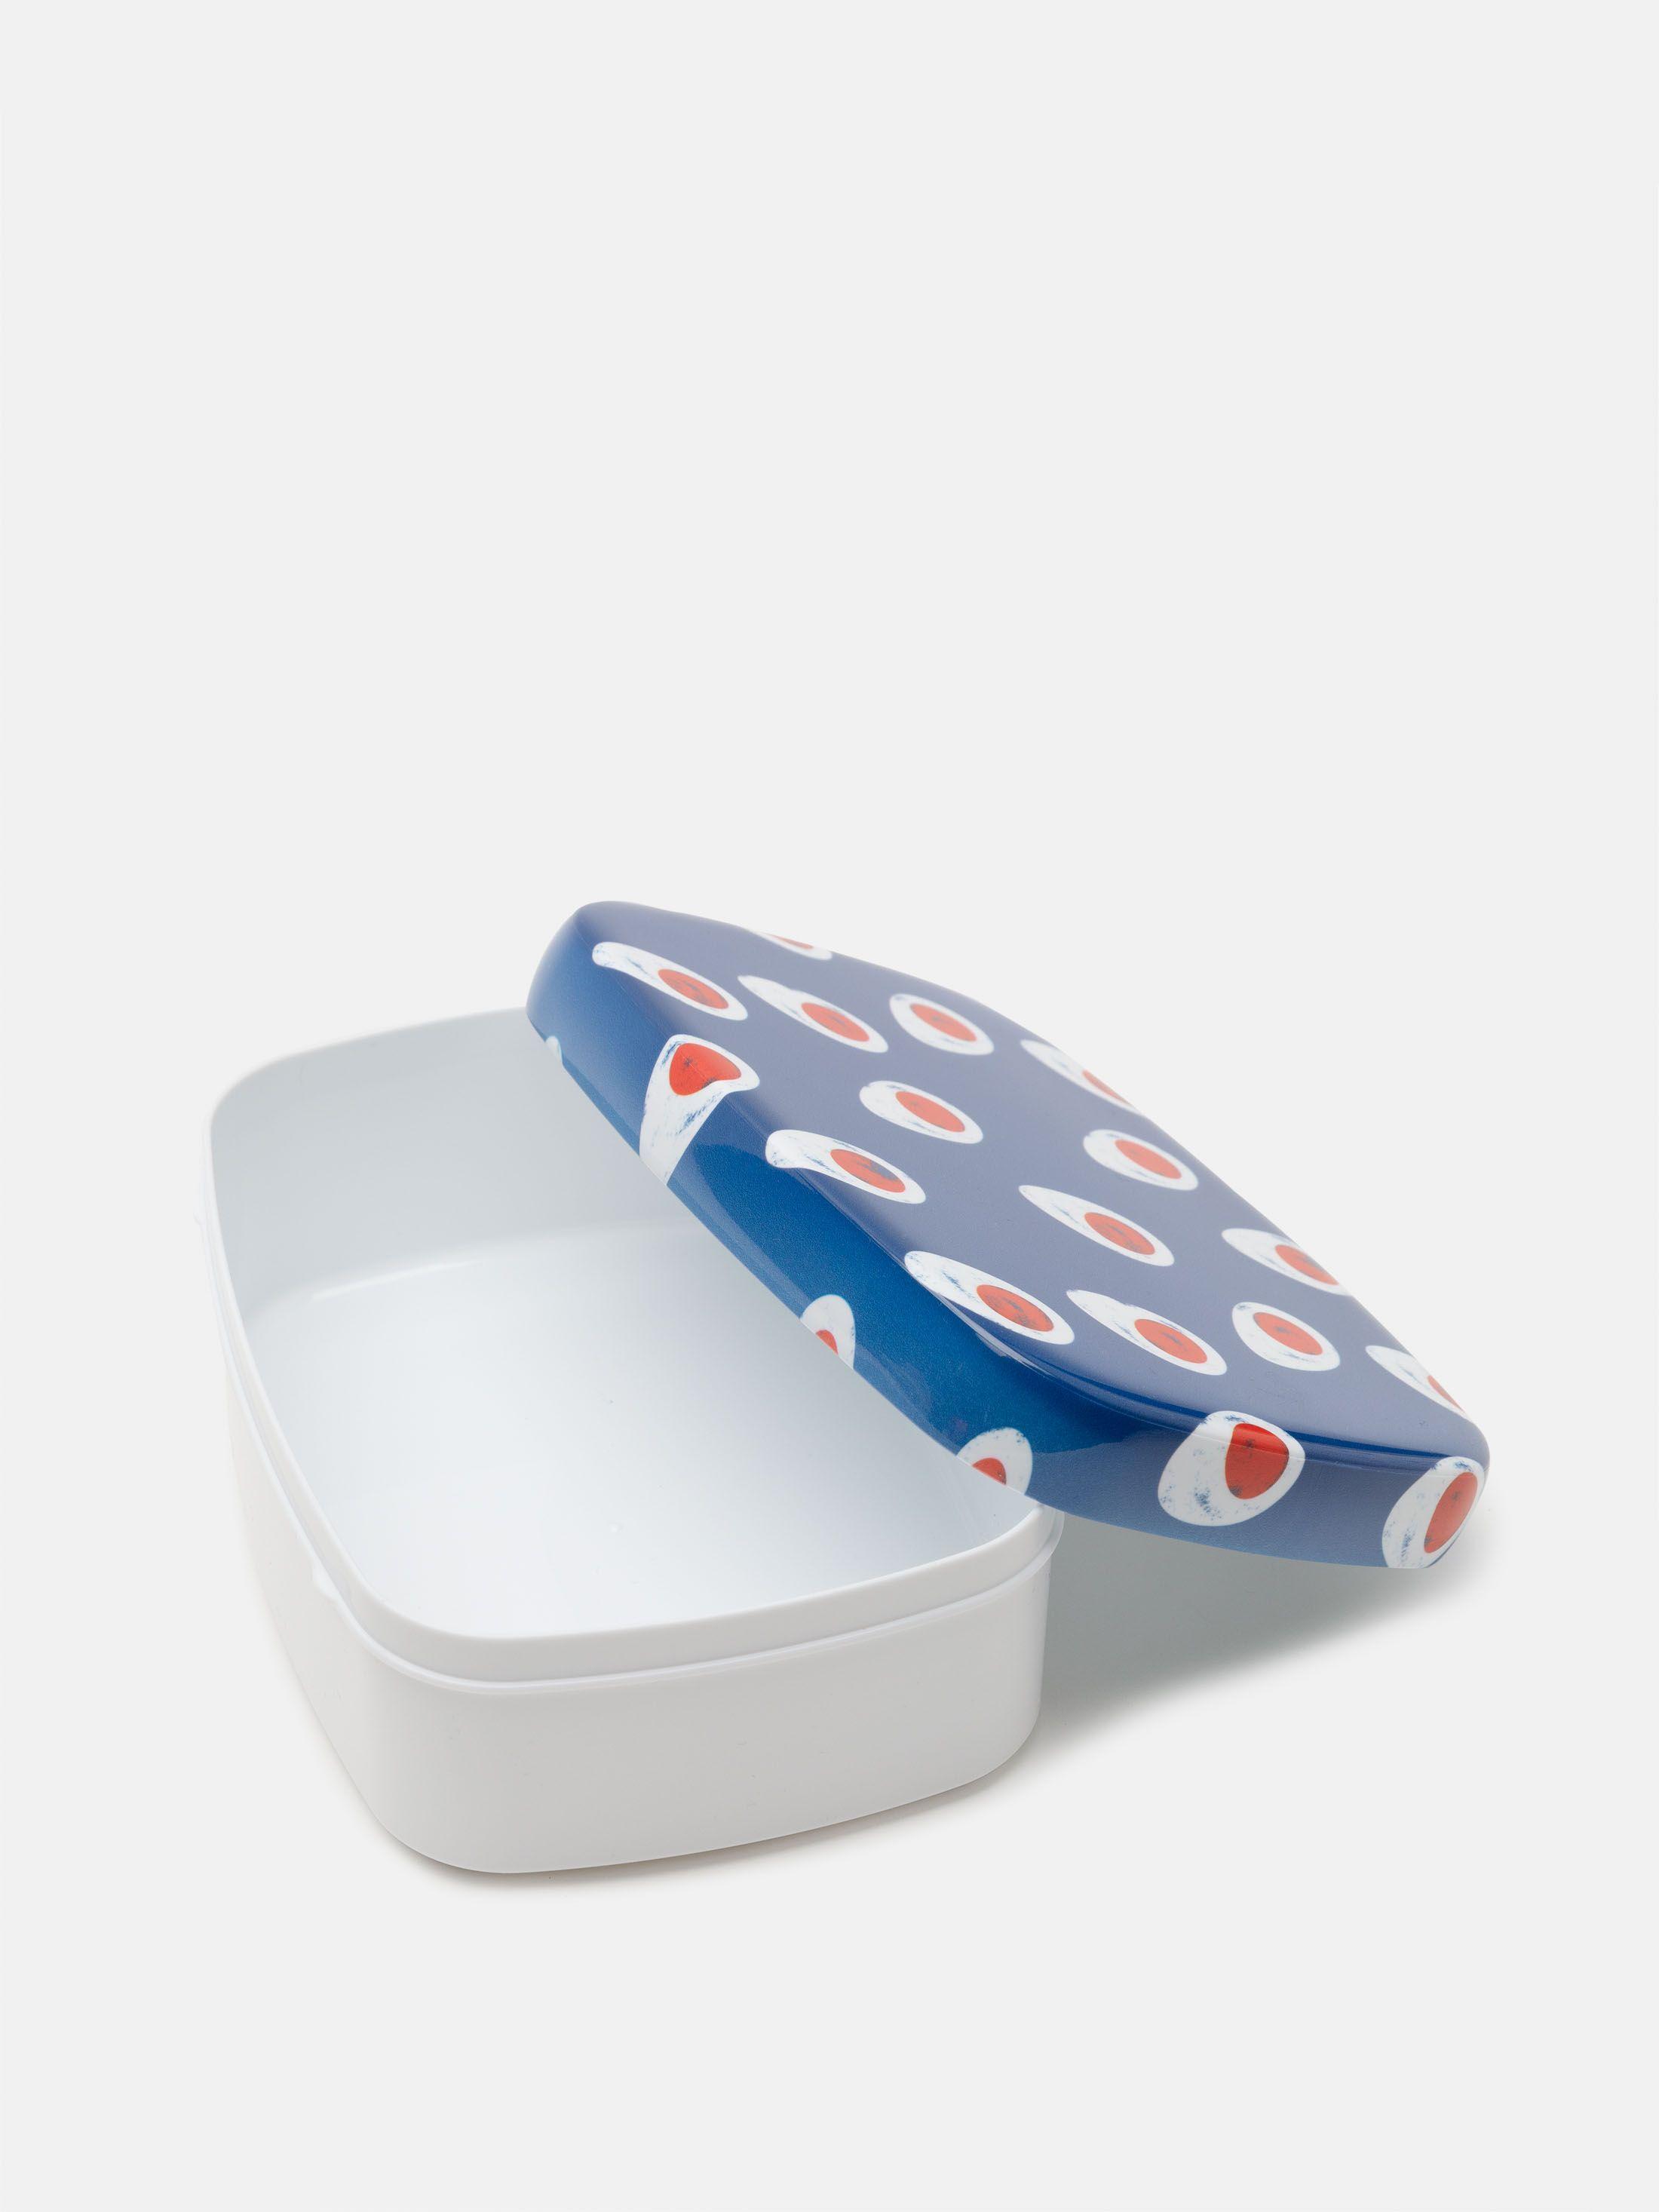 Détail de l'impression sur lunch box